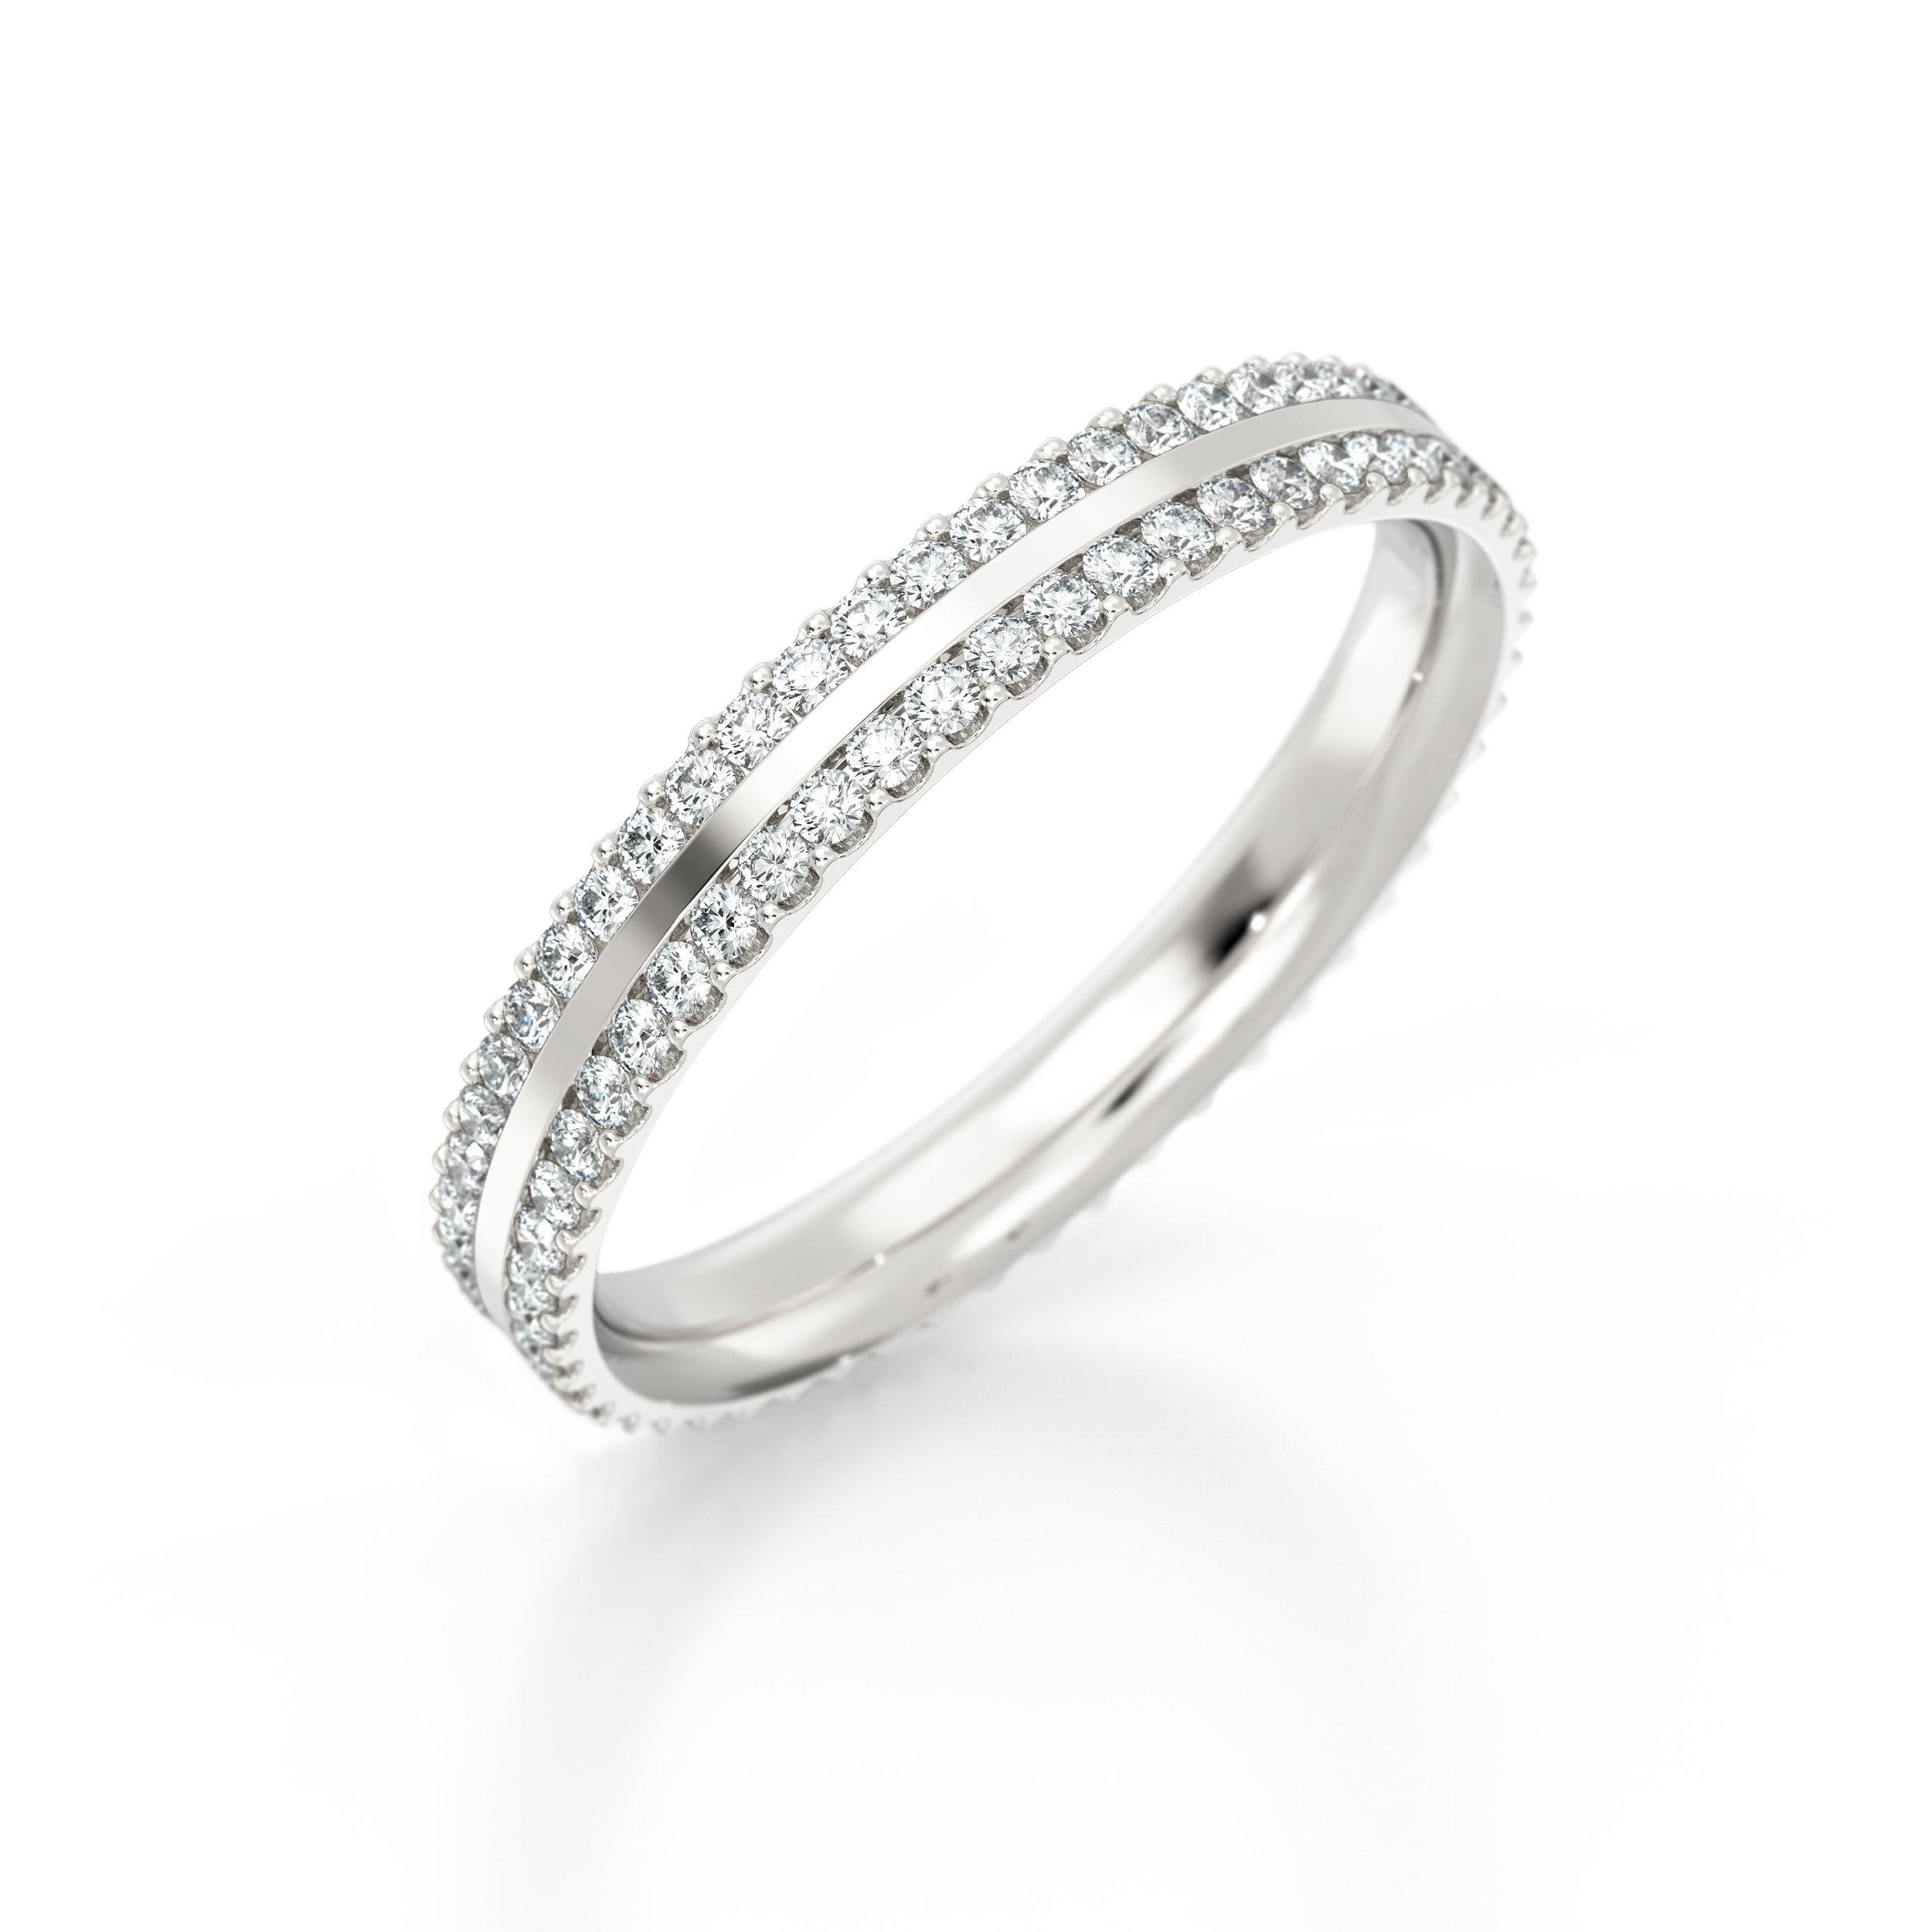 Unique Diamond Baguette Eternity Ring | Hatton Garden